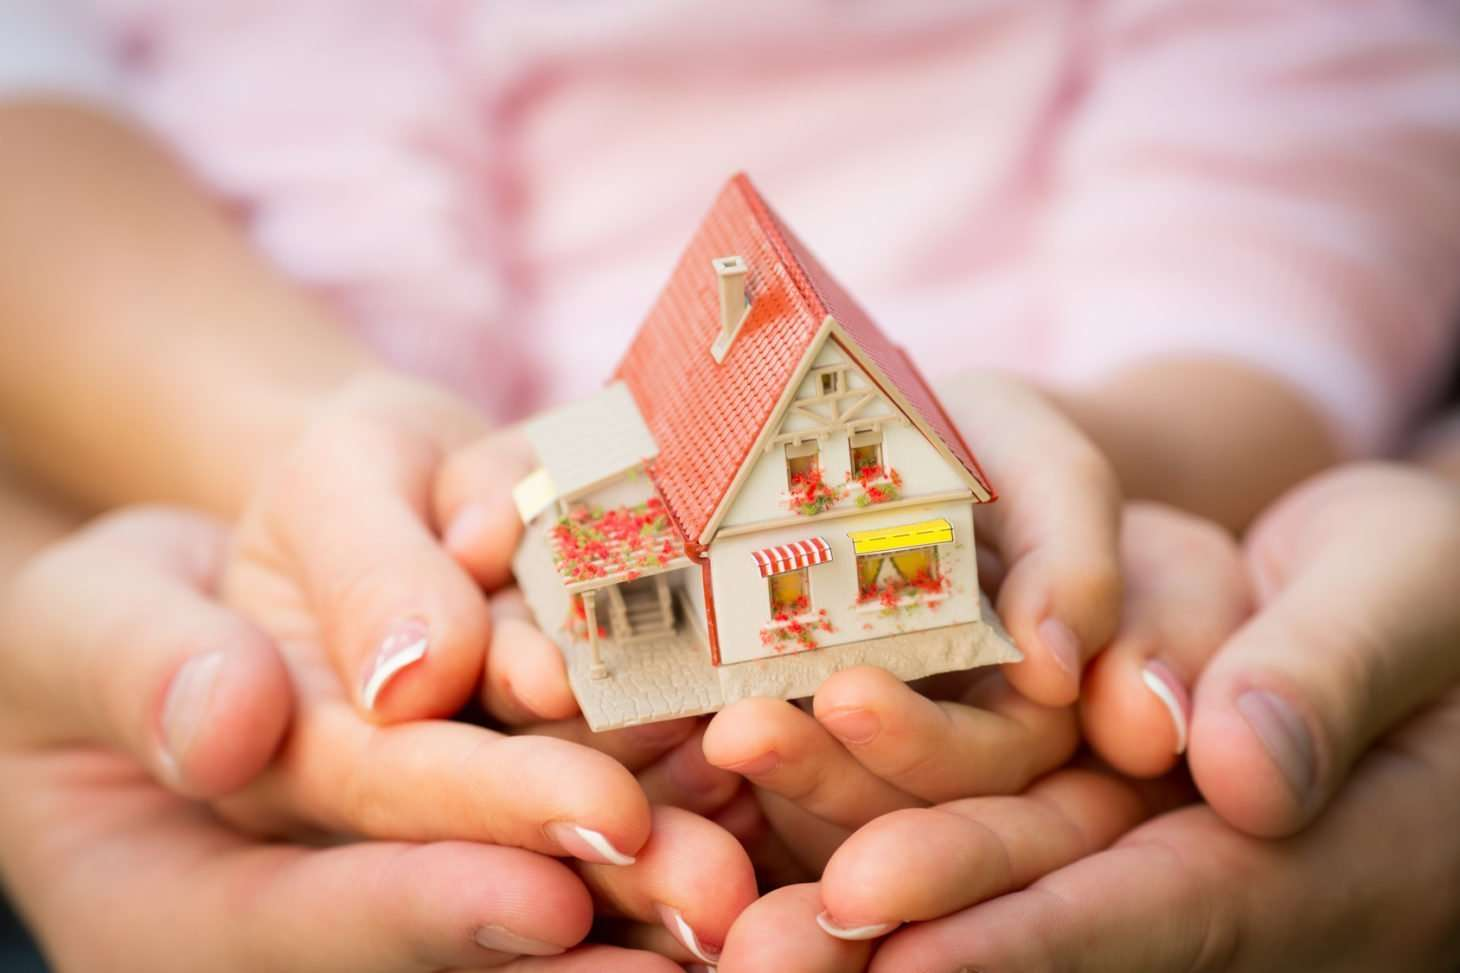 Casa sicura per il tuo bambino – I migliori accessori